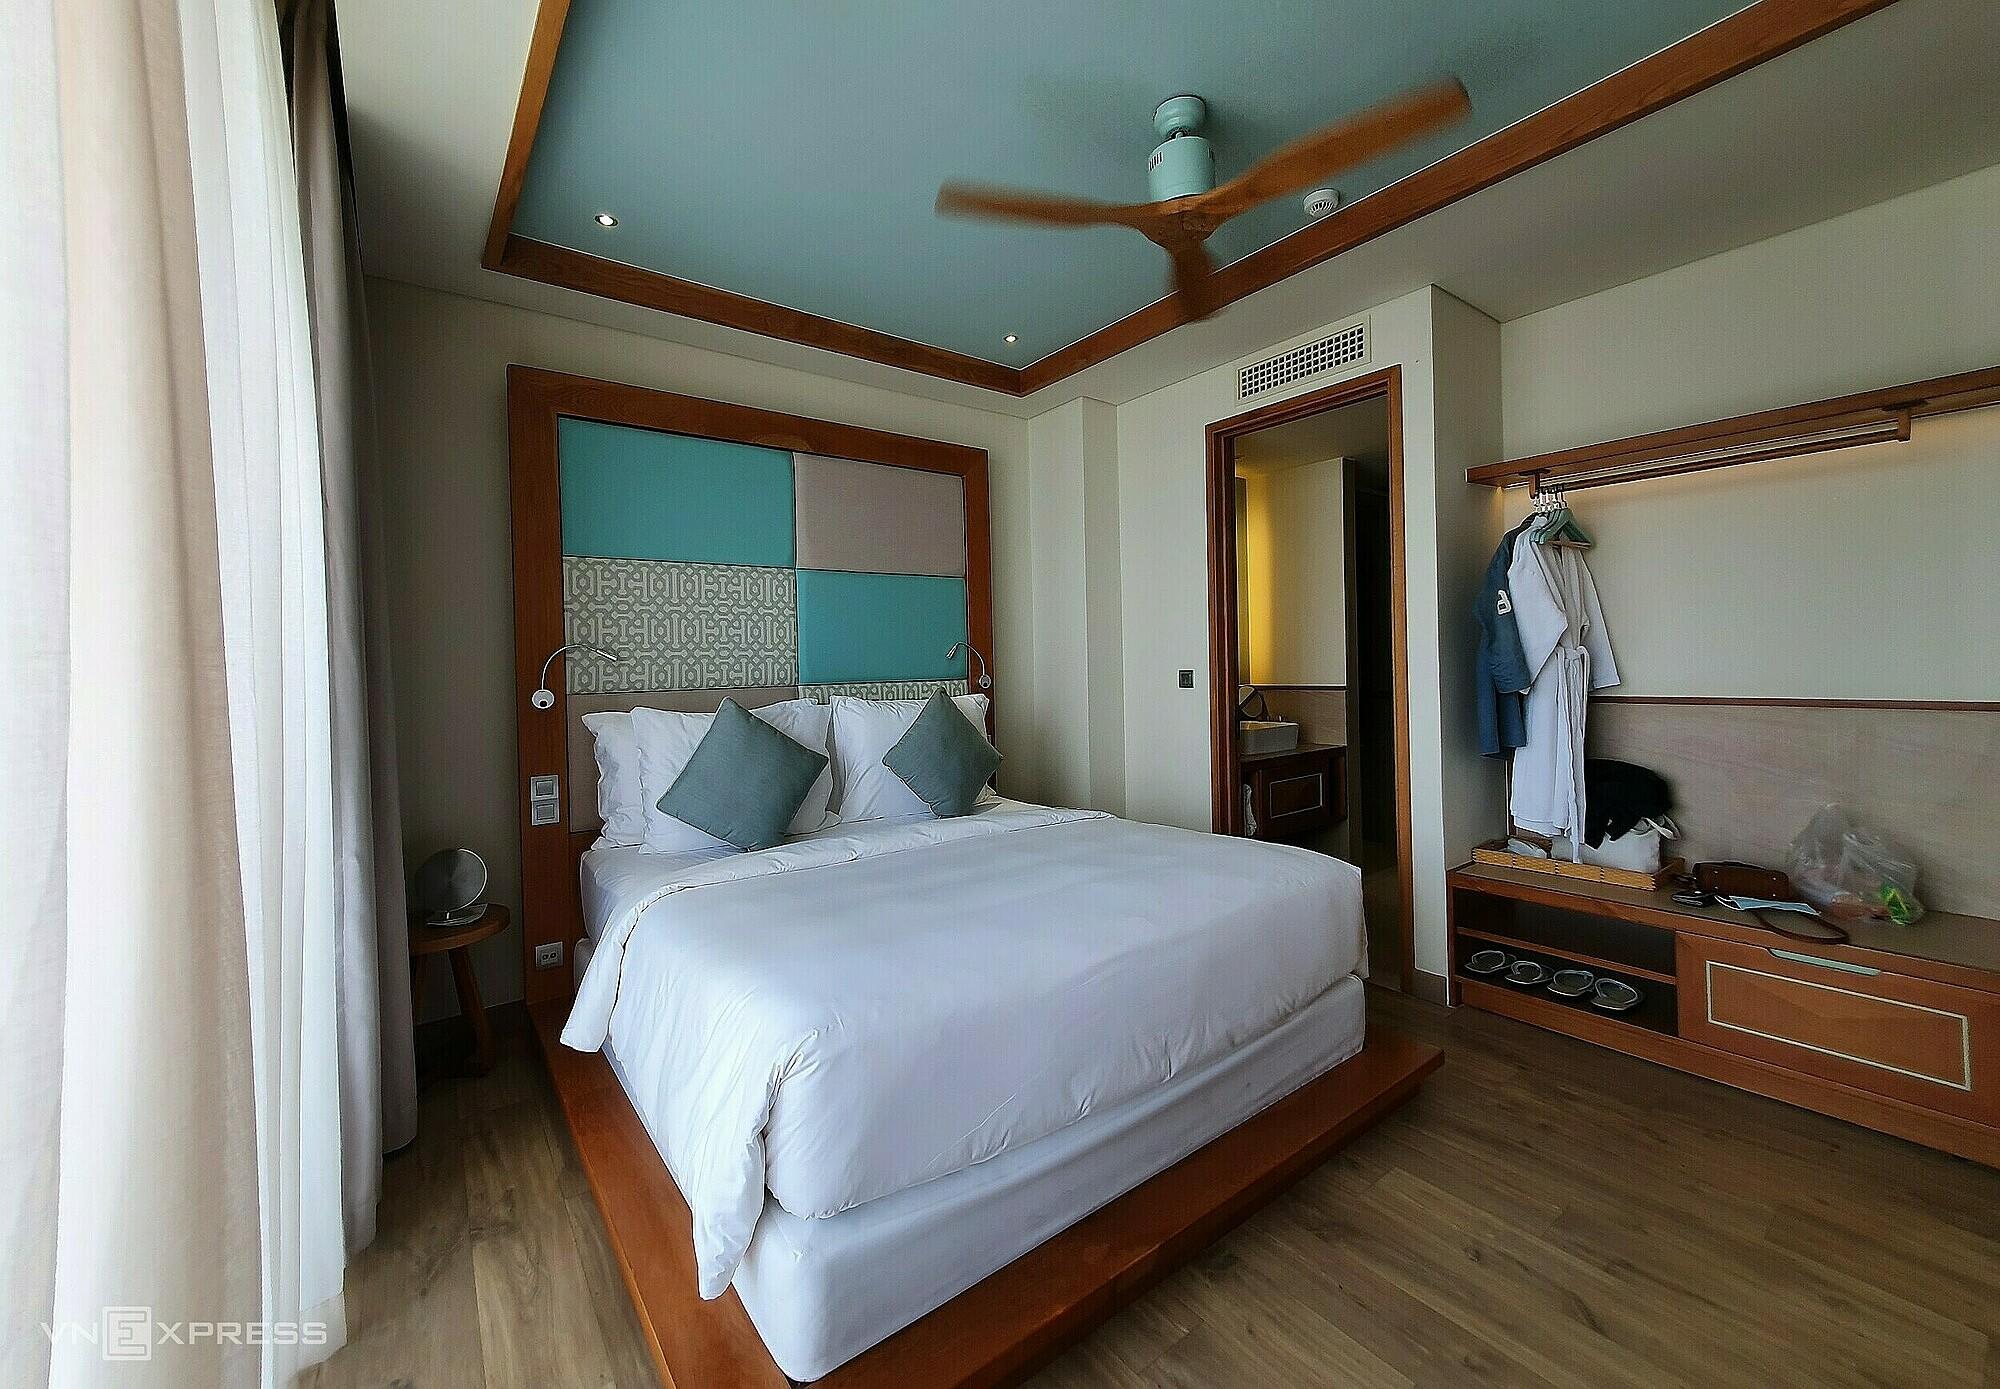 Fusion Suites Vung Tau tọa lạc trên đường Trương Công Định, bãi trước (Vũng Tàu) với đầy đủ các tiện ích như: spa, phòng gym, quán bar, nhà hàng, hồ bơi vô cực. Các phòng khách sạn được thiết kế theo phong cách hiện đại với gam màu xanh nhạt làm chủ đạo. Ngoài các tiện nghi bên trong, khách sạn còn có vị trí gần với các điểm tham quan như: ngọn hải đăng, tượng Chúa Kitô, mũi Nghinh Phong... và các quán ăn địa phương như: Bánh khọt cô Ba Vũng Tàu, lẩu cá đuối Út Mười...  Hiện tại, khách sạn có chương trình ưu đãi 50% áp dụng cho 2 đêm lưu trú vào mỗi cuối tuần (thứ 6 - Chủ Nhật). Ngoài ra, các tiện ích tại khách sạn không chỉ phục vụ cho khách lưu trú mà còn đón tiếp các khách vãng lai với nhiều chương trình ưu đãi như giảm giá 50% và phục vụ đêm nhạc đối với quán bar.